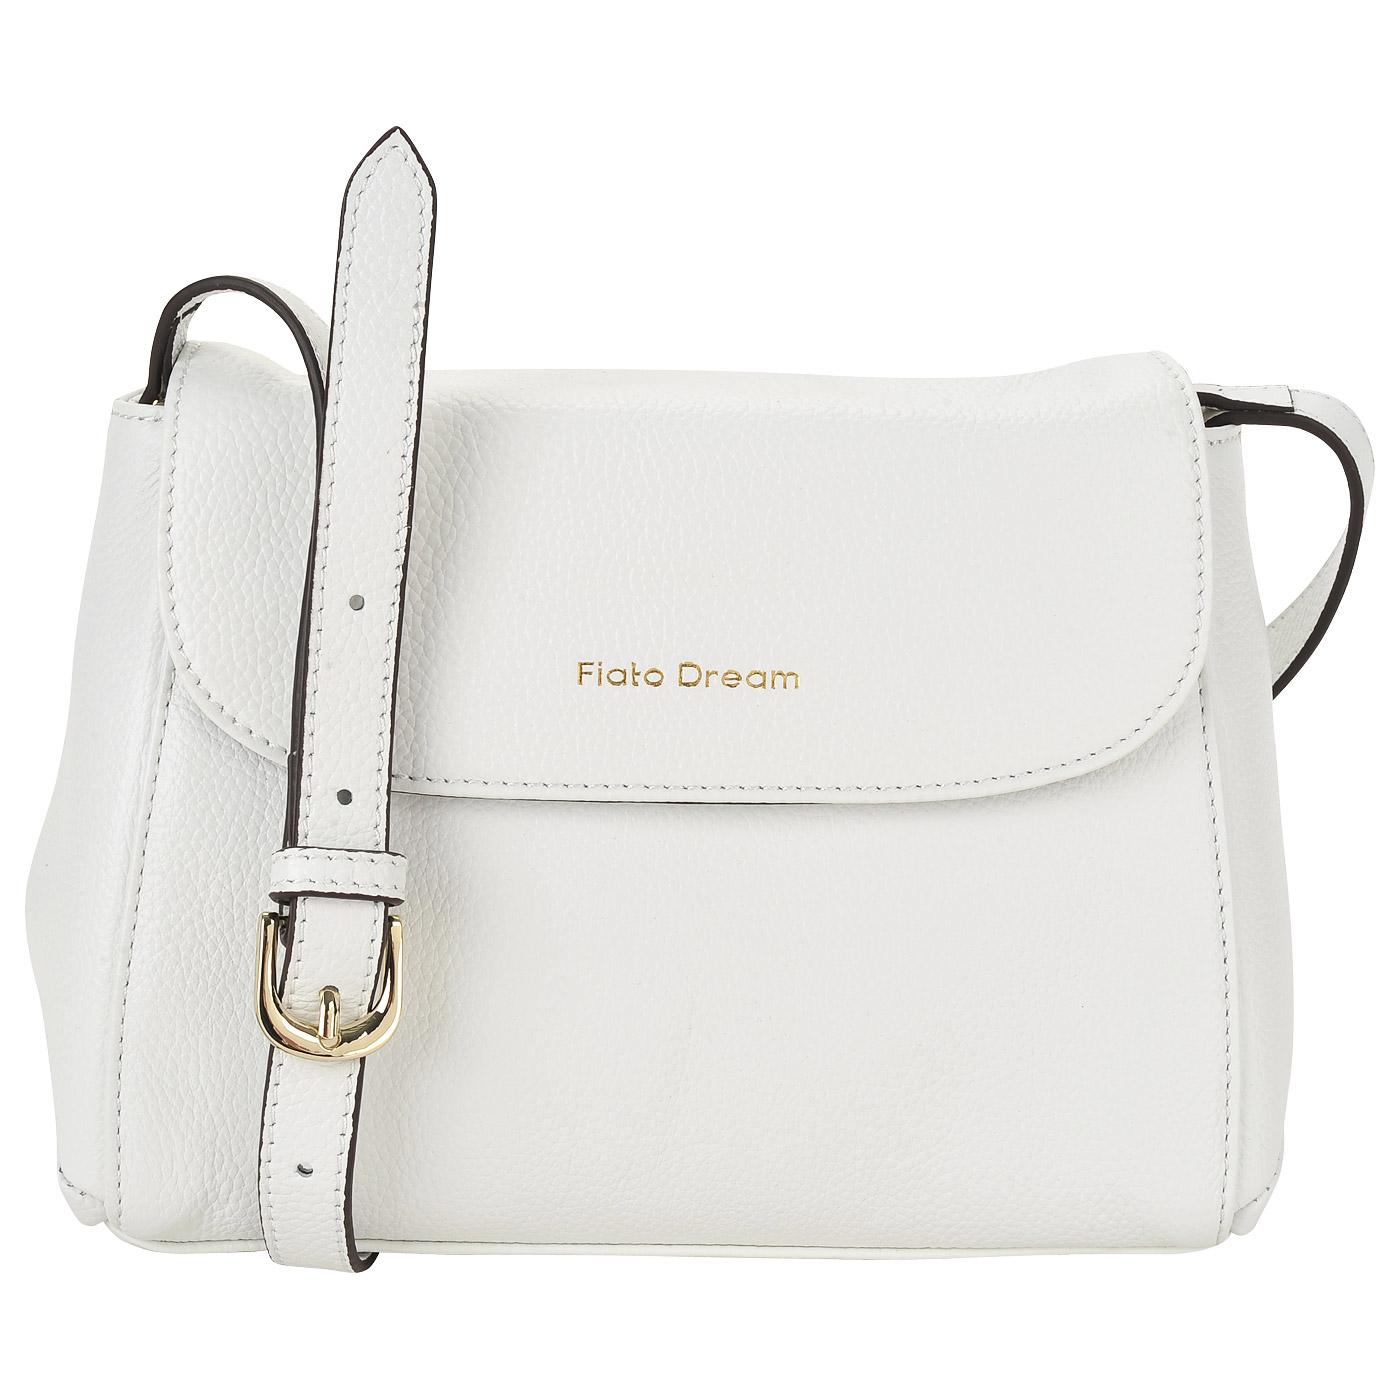 262a9e695b89 Белая кожаная сумка с откидным клапаном Fiato Dream 2039 FD ...